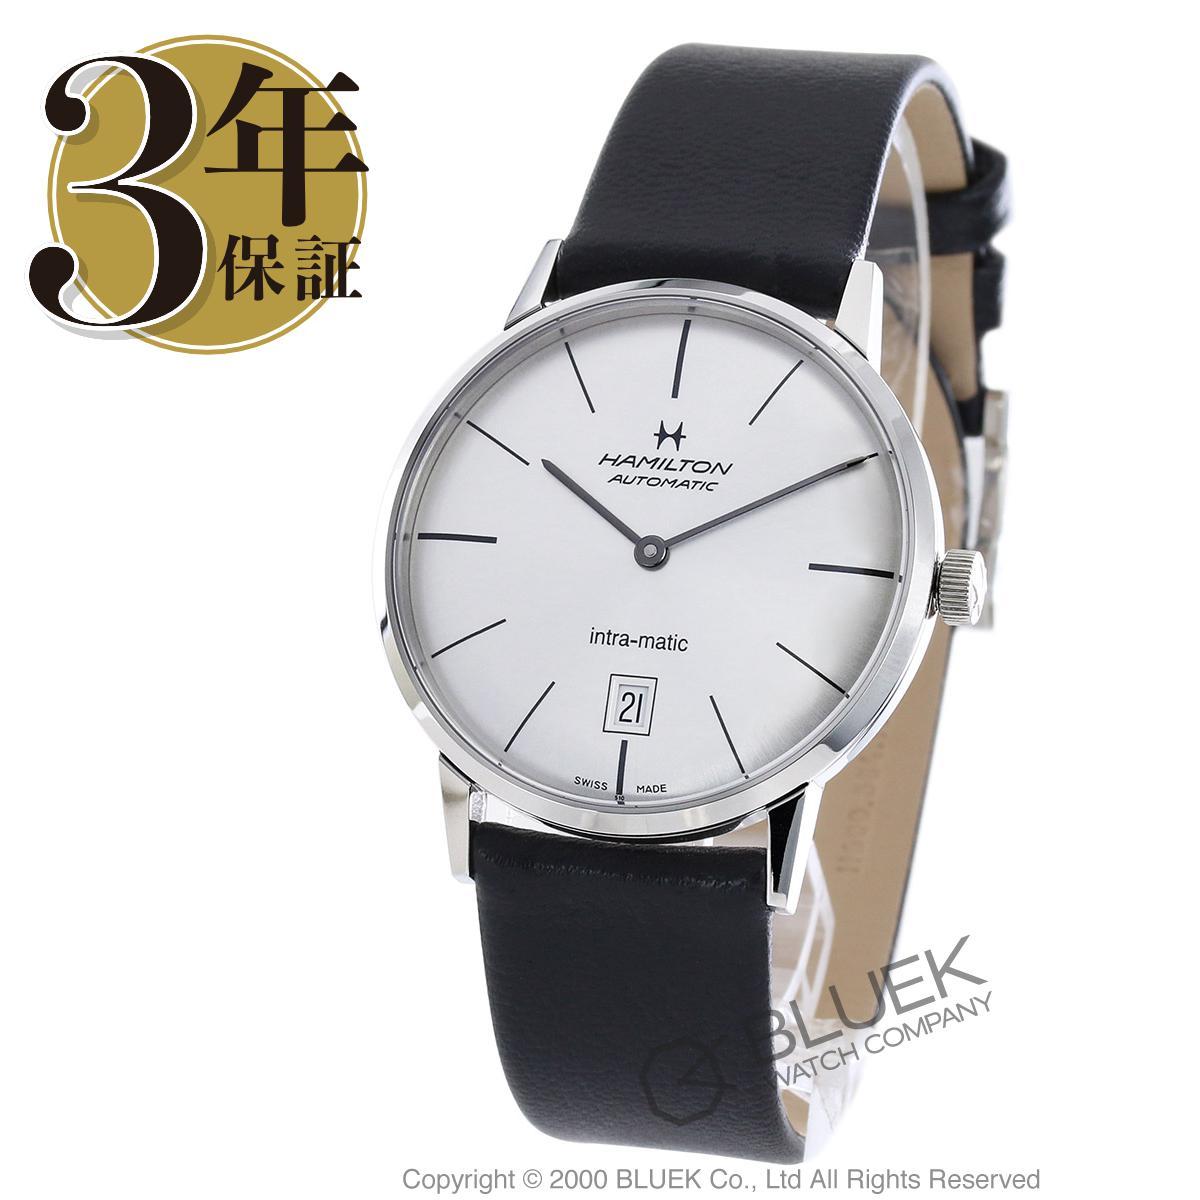 【1,000円OFFクーポン対象】ハミルトン イントラマティック 腕時計 メンズ HAMILTON H38455751_8